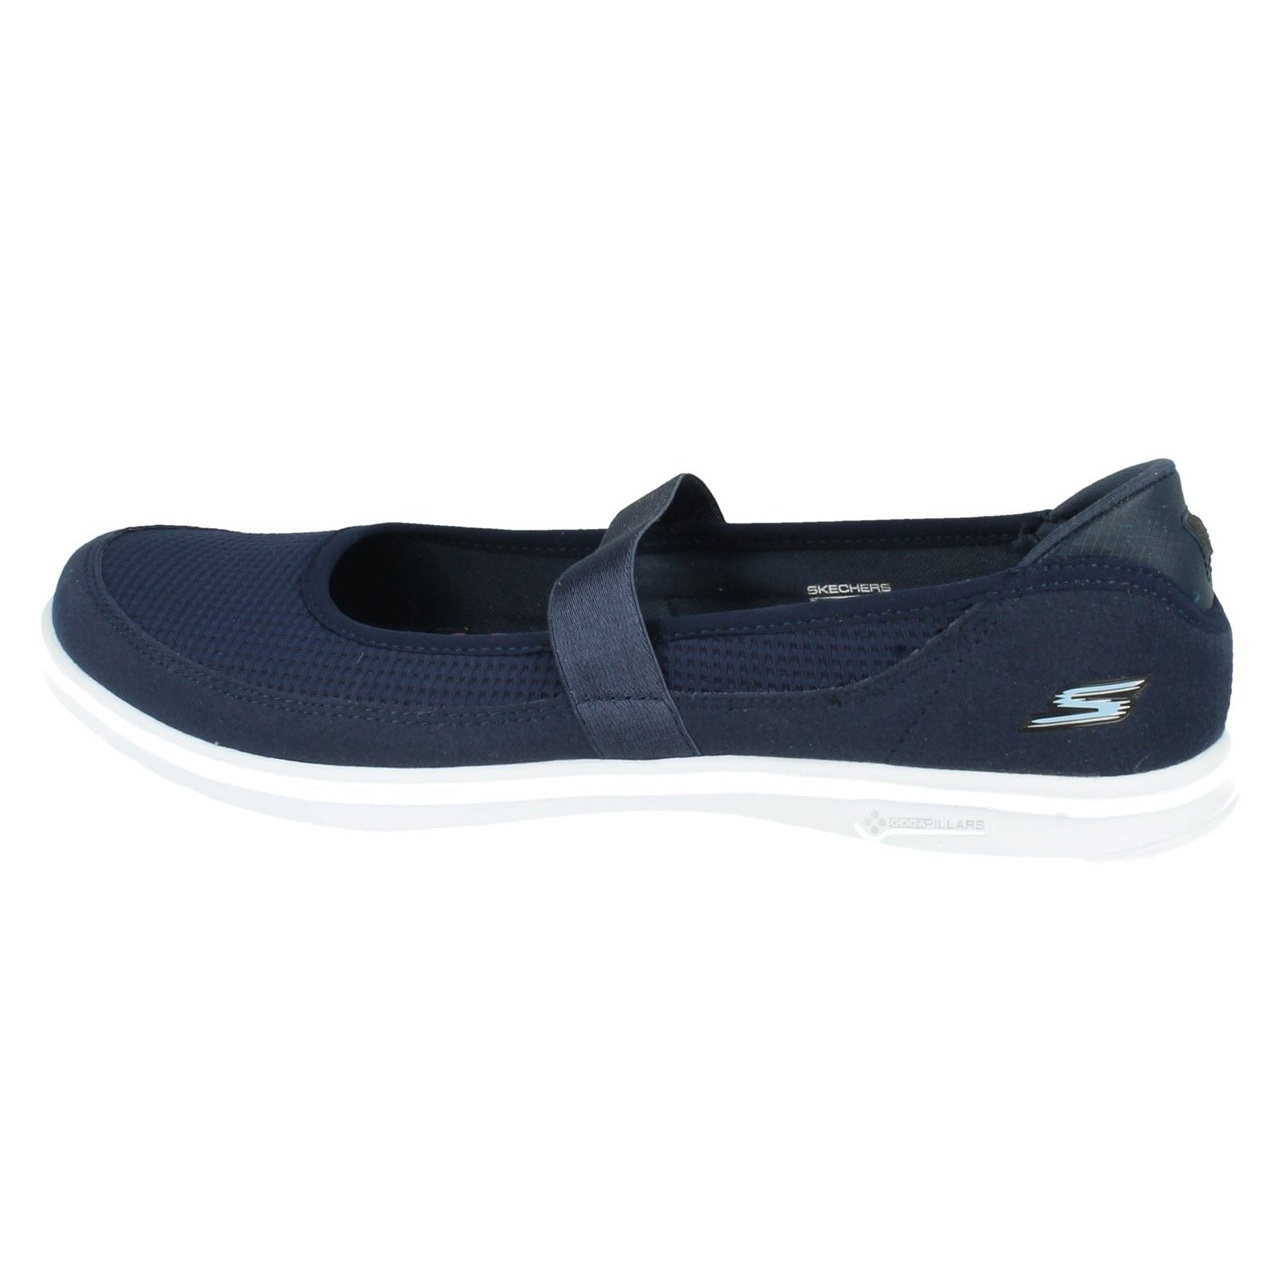 کفش راحتی زنانه اسکچرز مدل 14213NVLB